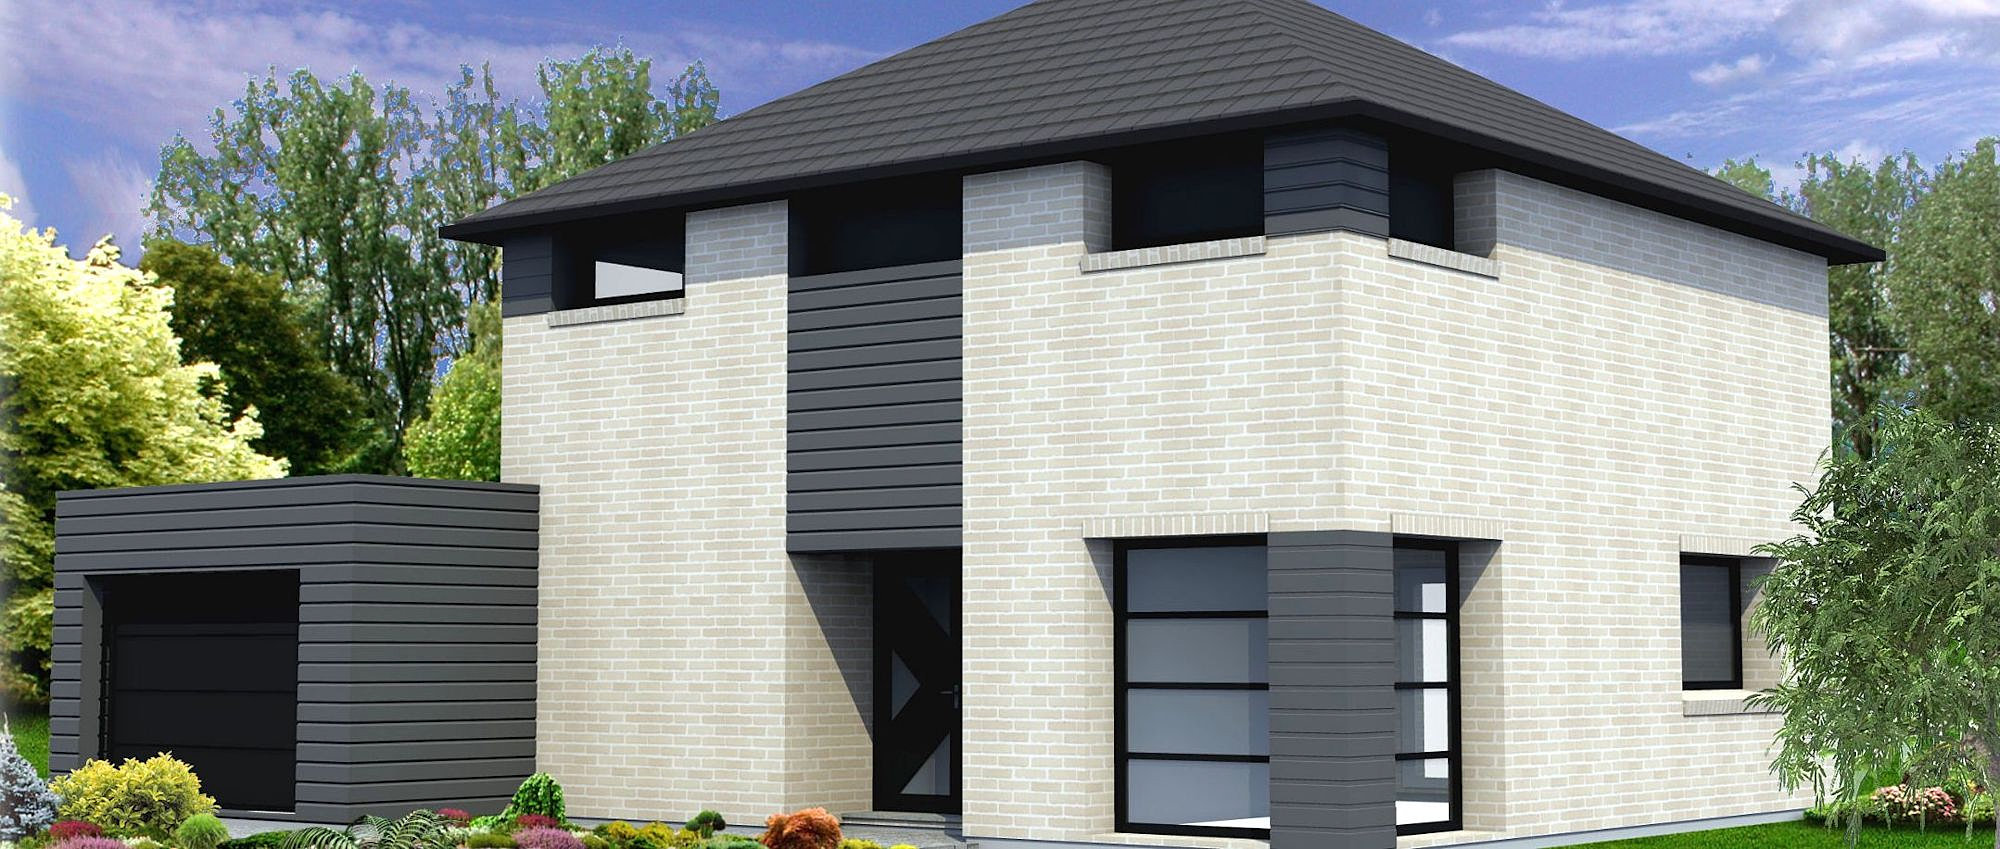 maison brique grise trendy best menuiserie extrieure pvc. Black Bedroom Furniture Sets. Home Design Ideas